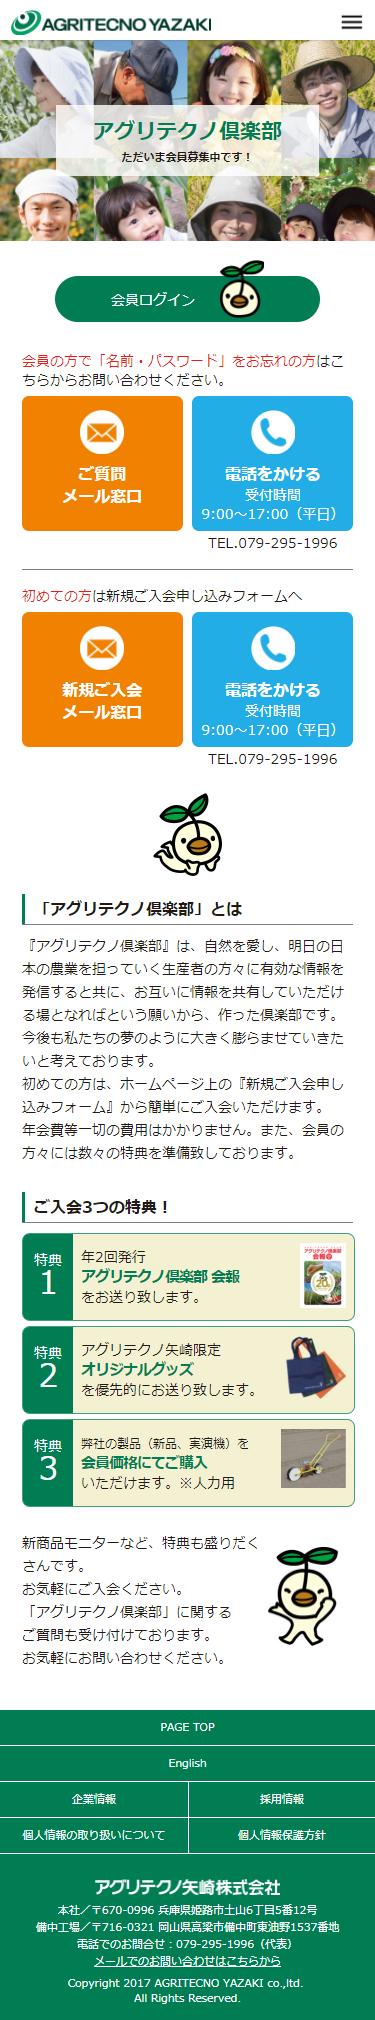 姫路市 アグリテクノ矢崎株式会社様 ホームページ制作4